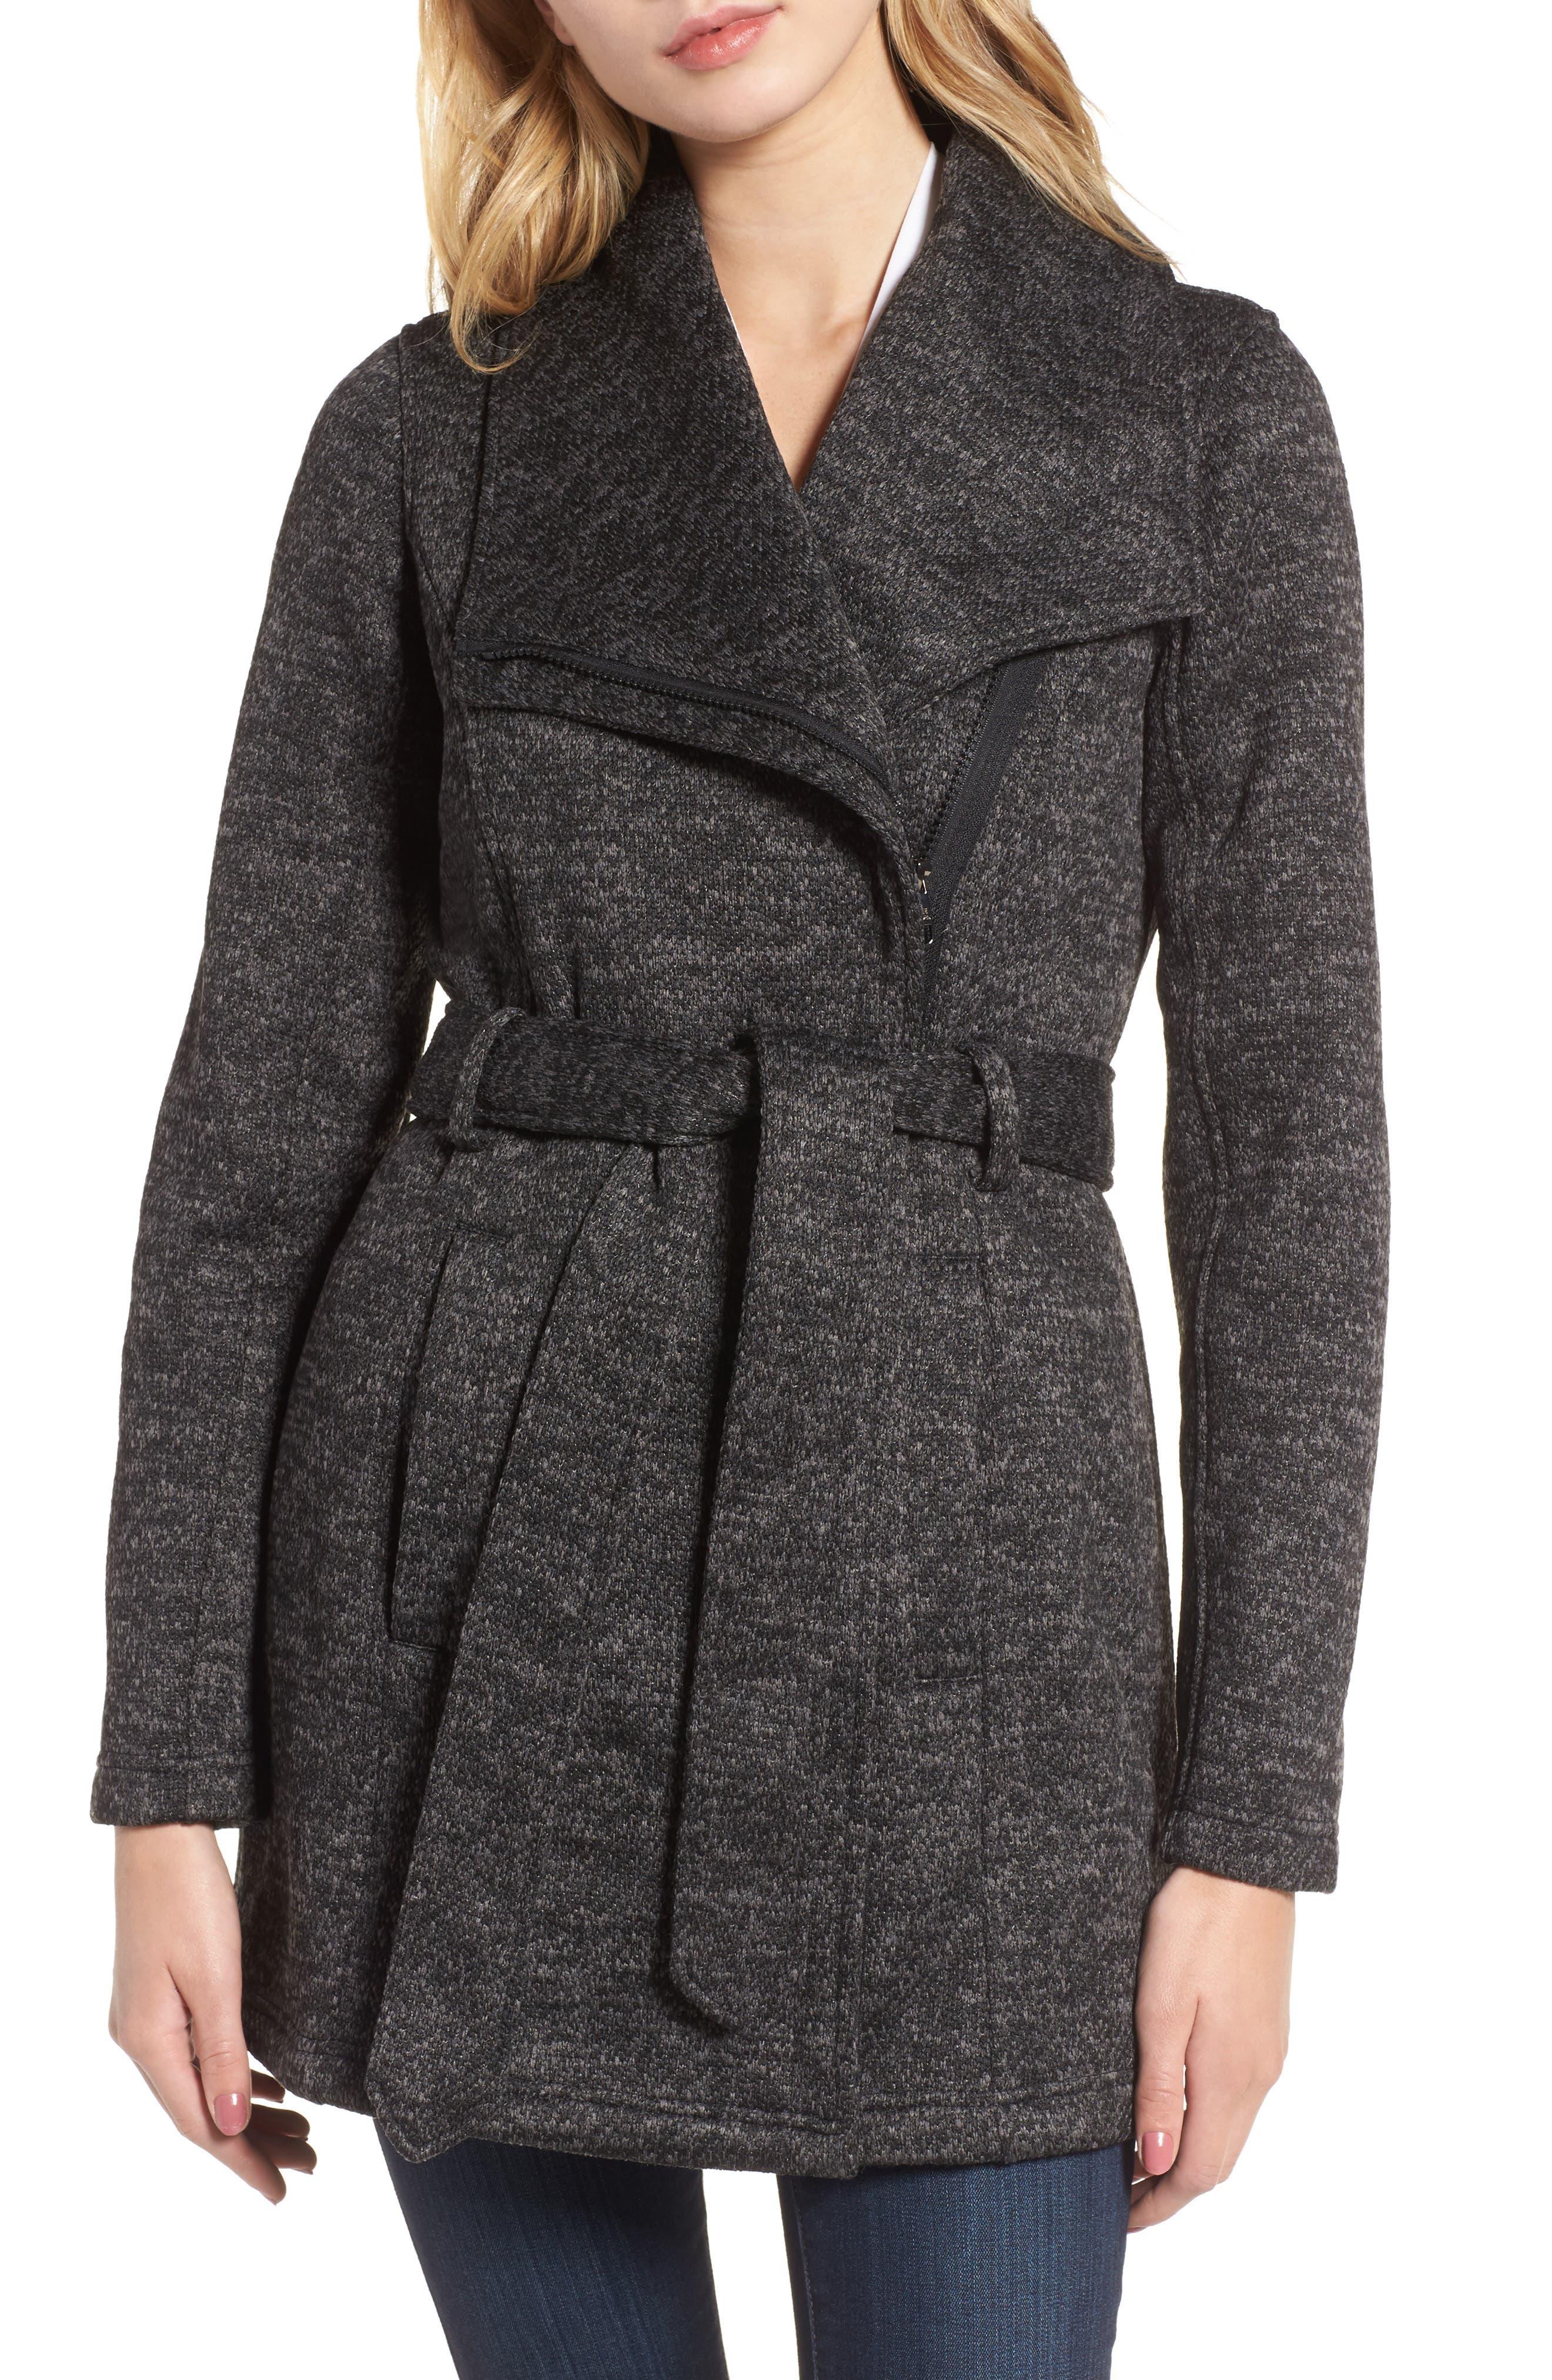 Alternate Image 1 Selected - Steve Madden Fleece Wrap Coat